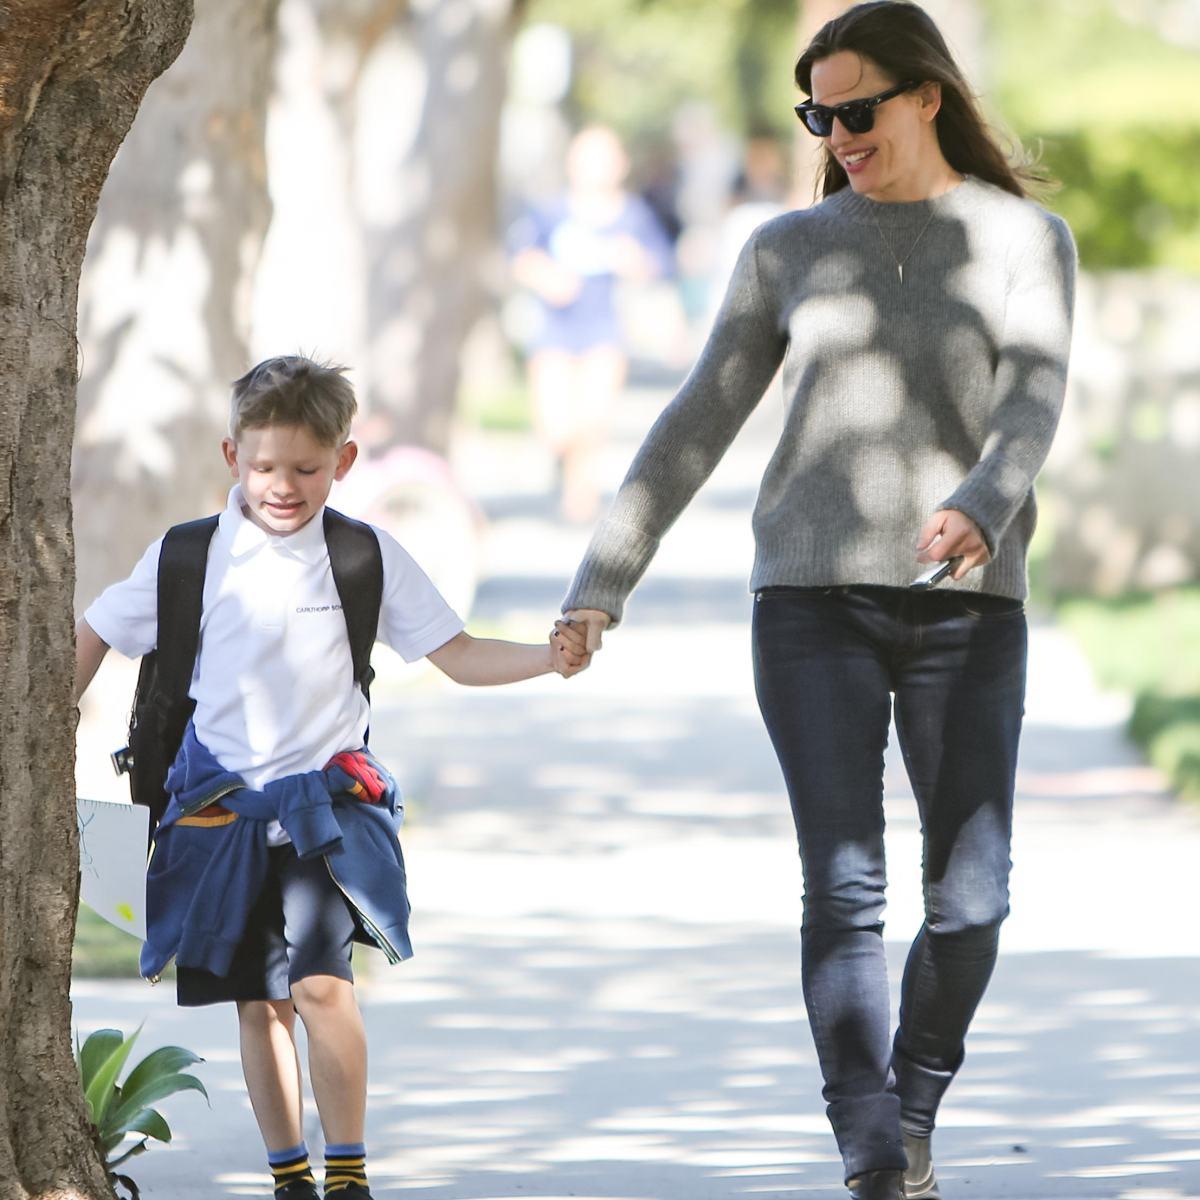 Jennifer Garner Spotted Walking With Her Son Samuel After School